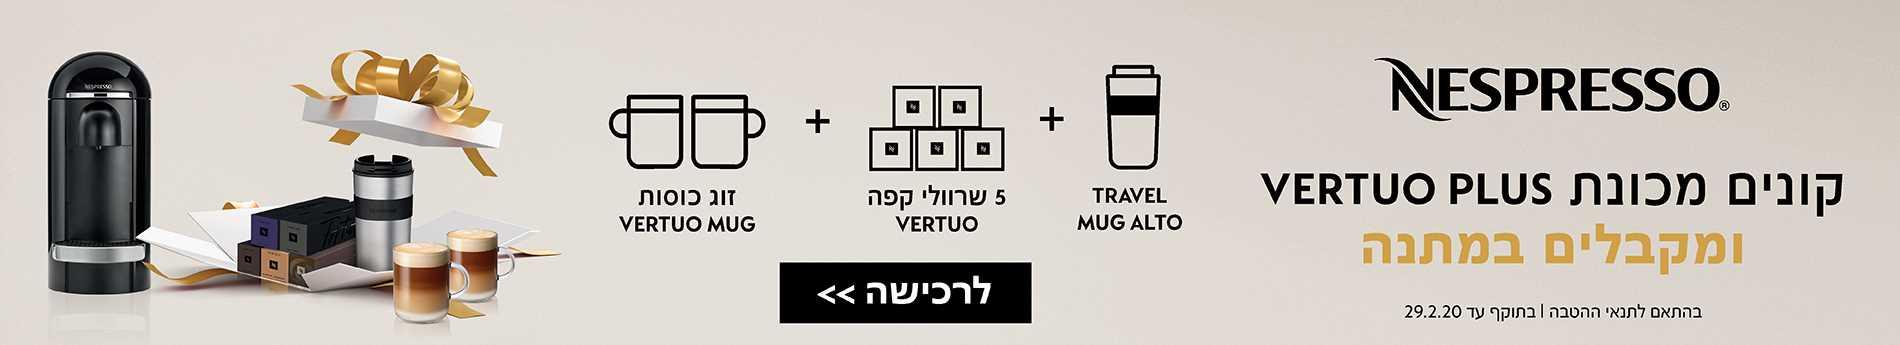 נספרסו הטבת מכונות Vertuo Plus